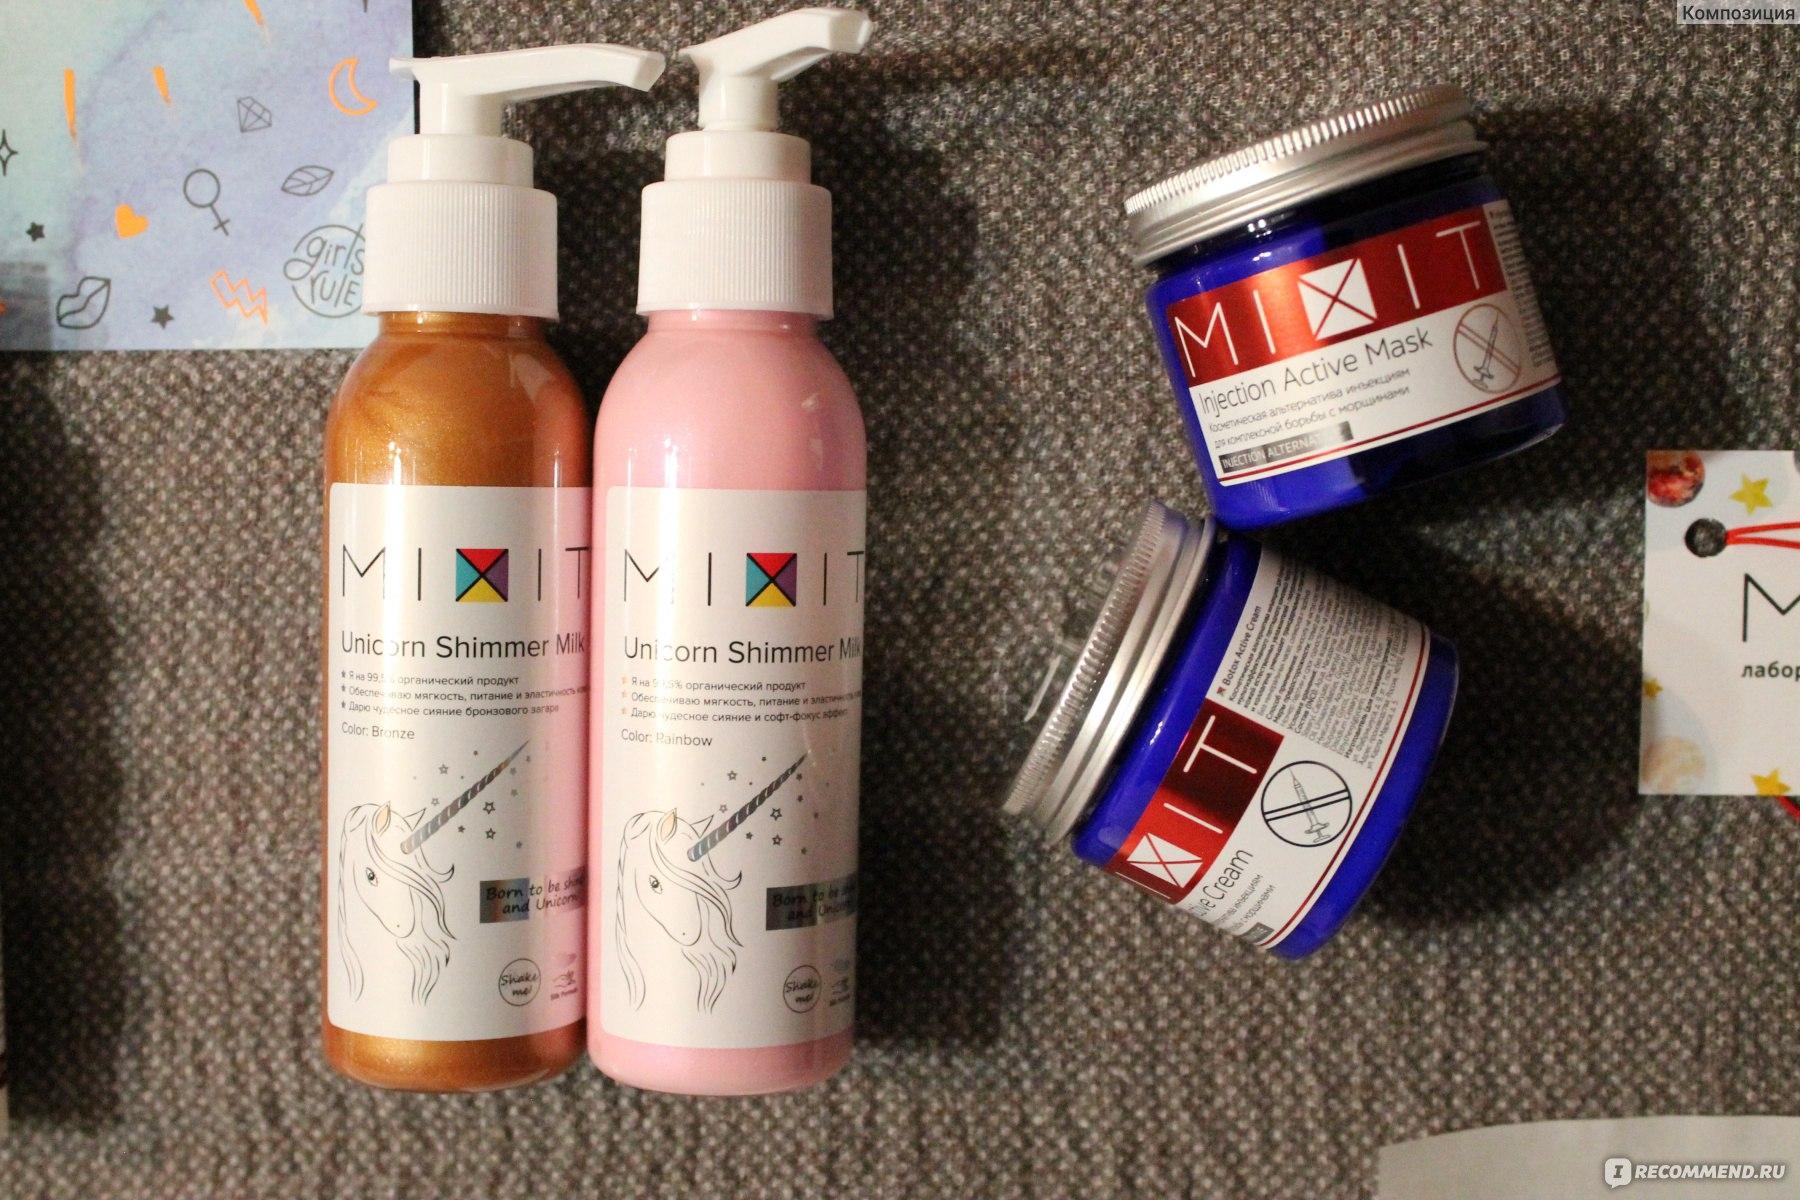 Косметика миксит купить в москве крем для лица avon nutra effects